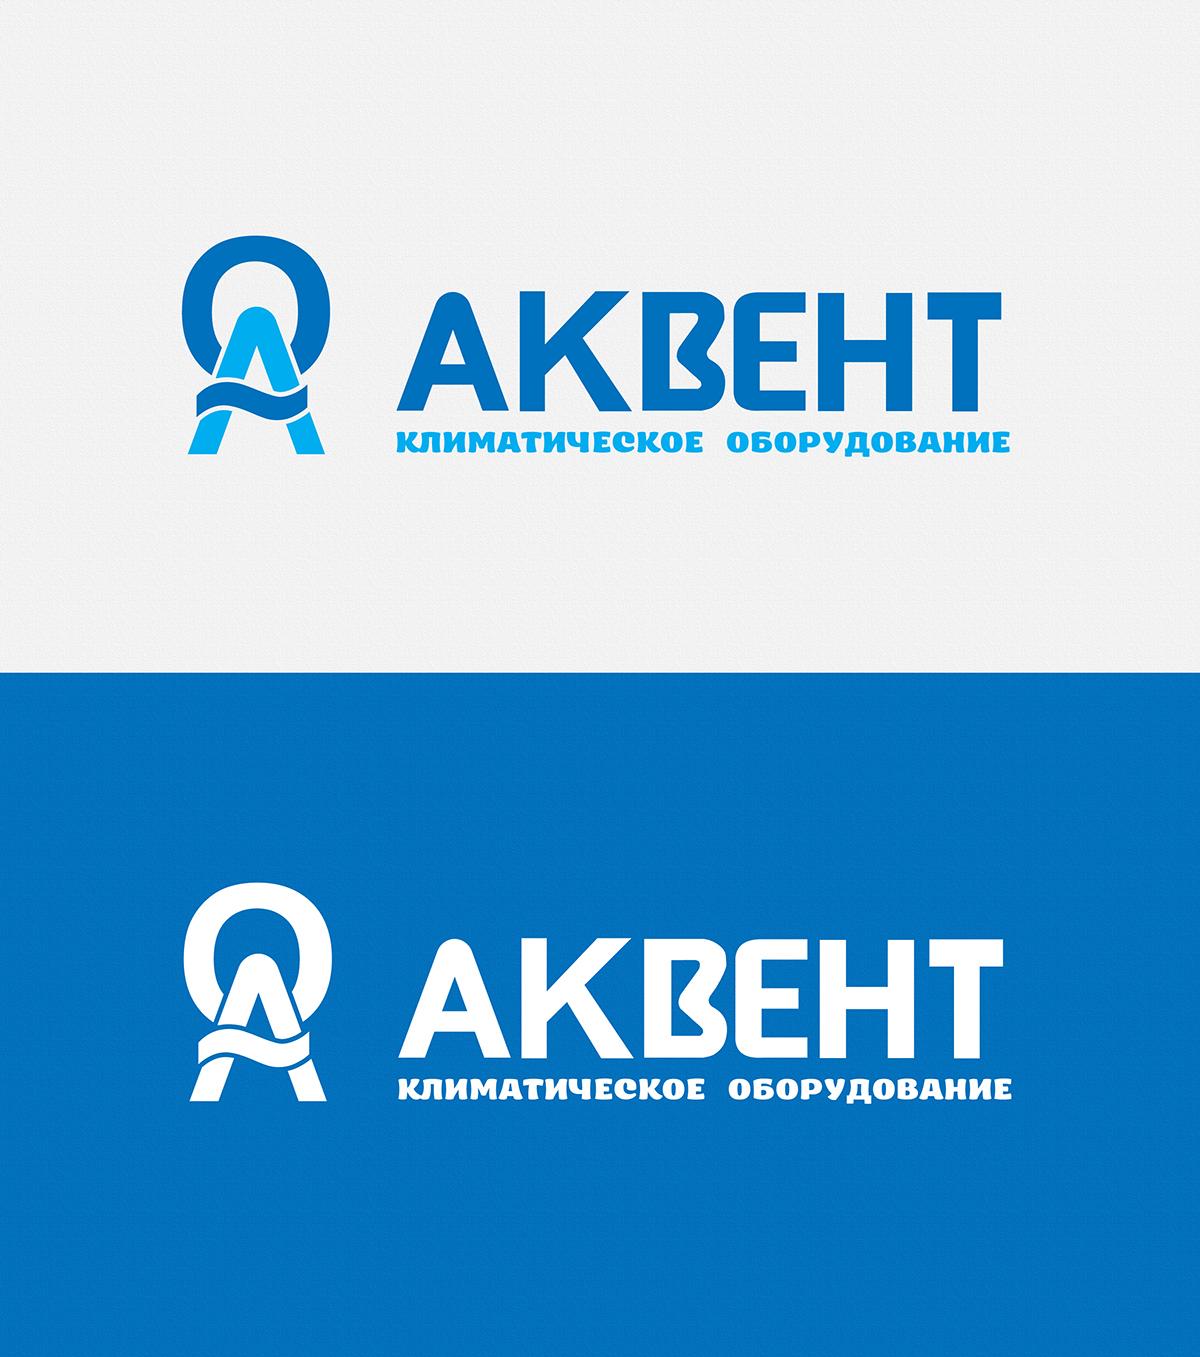 Логотип AQVENT фото f_720528cfb0b82001.jpg